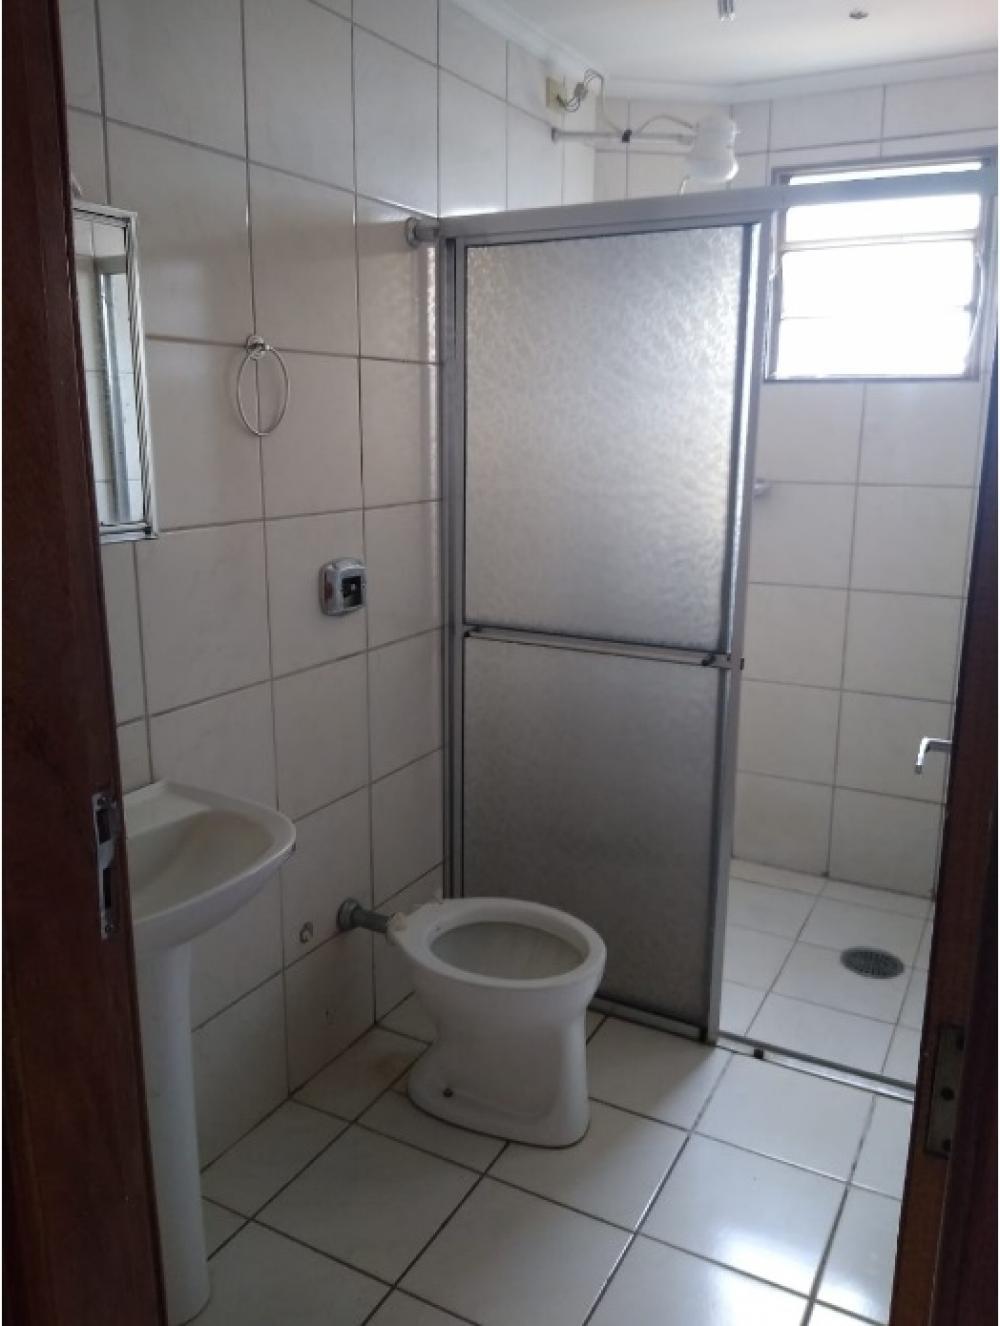 Comprar Apartamento / Padrão em São José do Rio Preto apenas R$ 160.000,00 - Foto 8